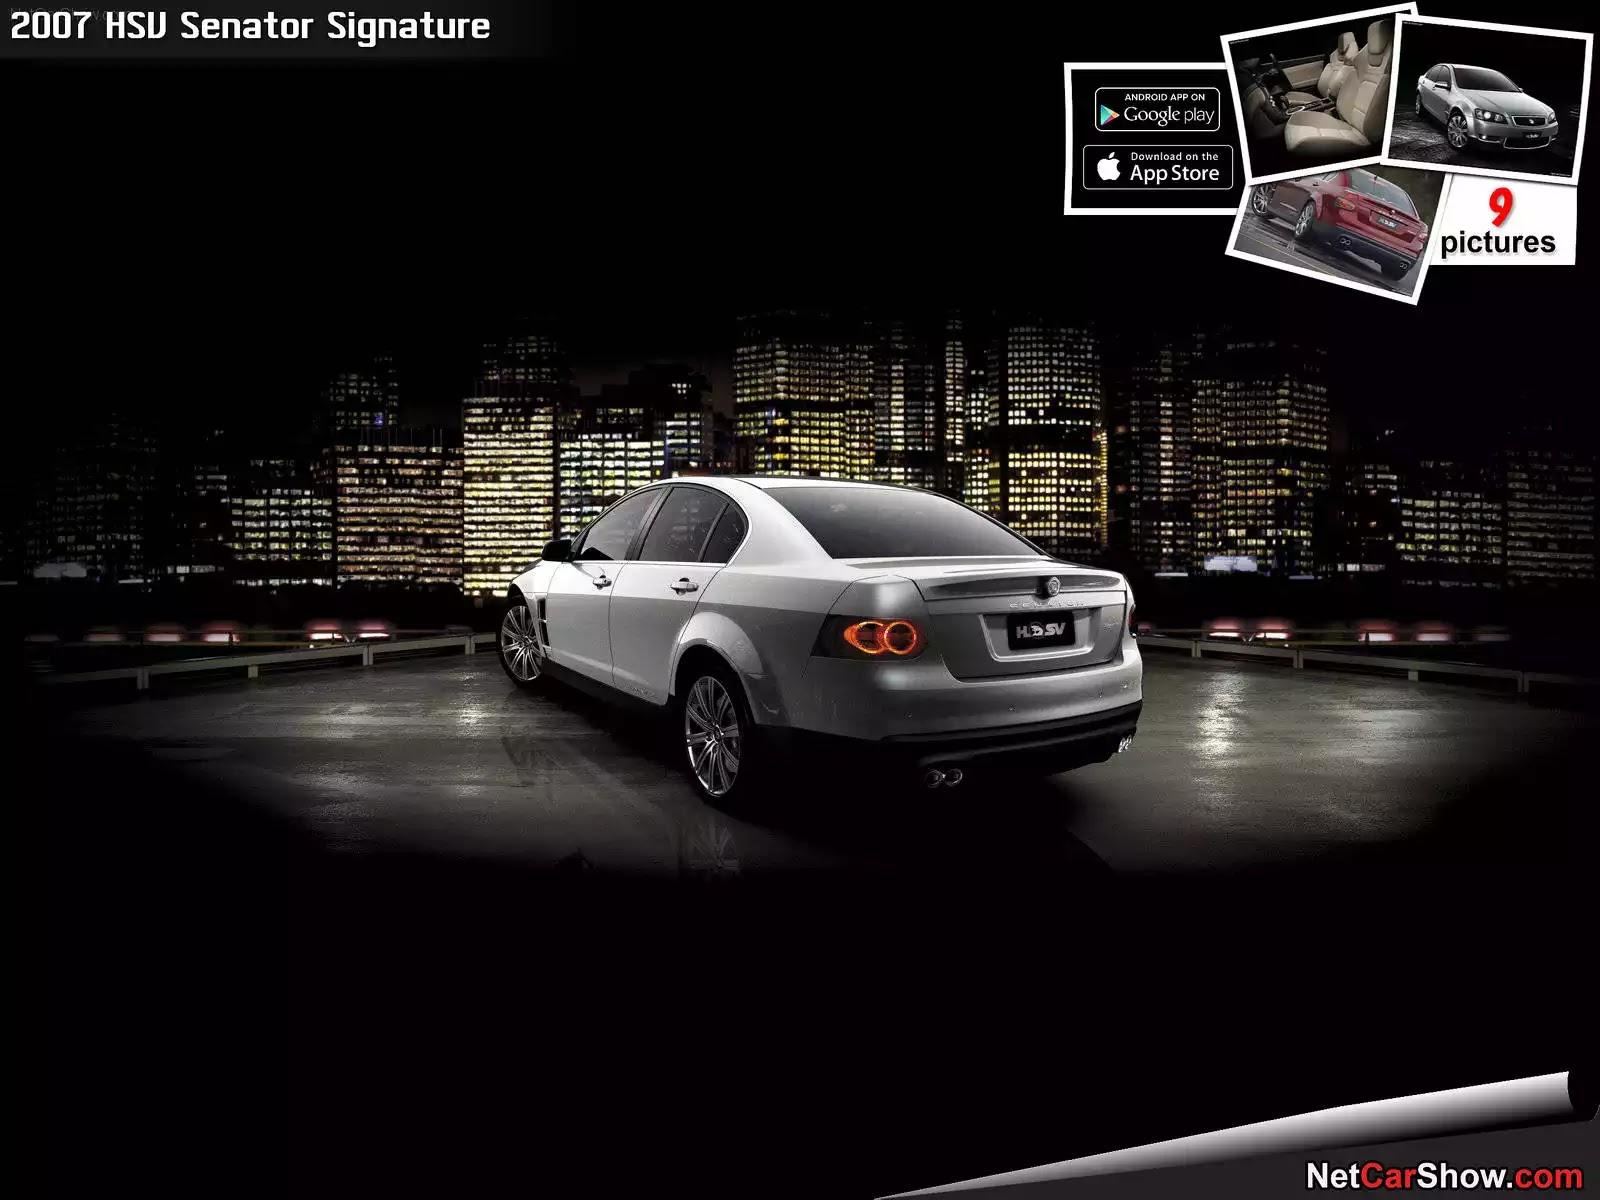 Hình ảnh xe ô tô HSV Senator Signature 2007 & nội ngoại thất